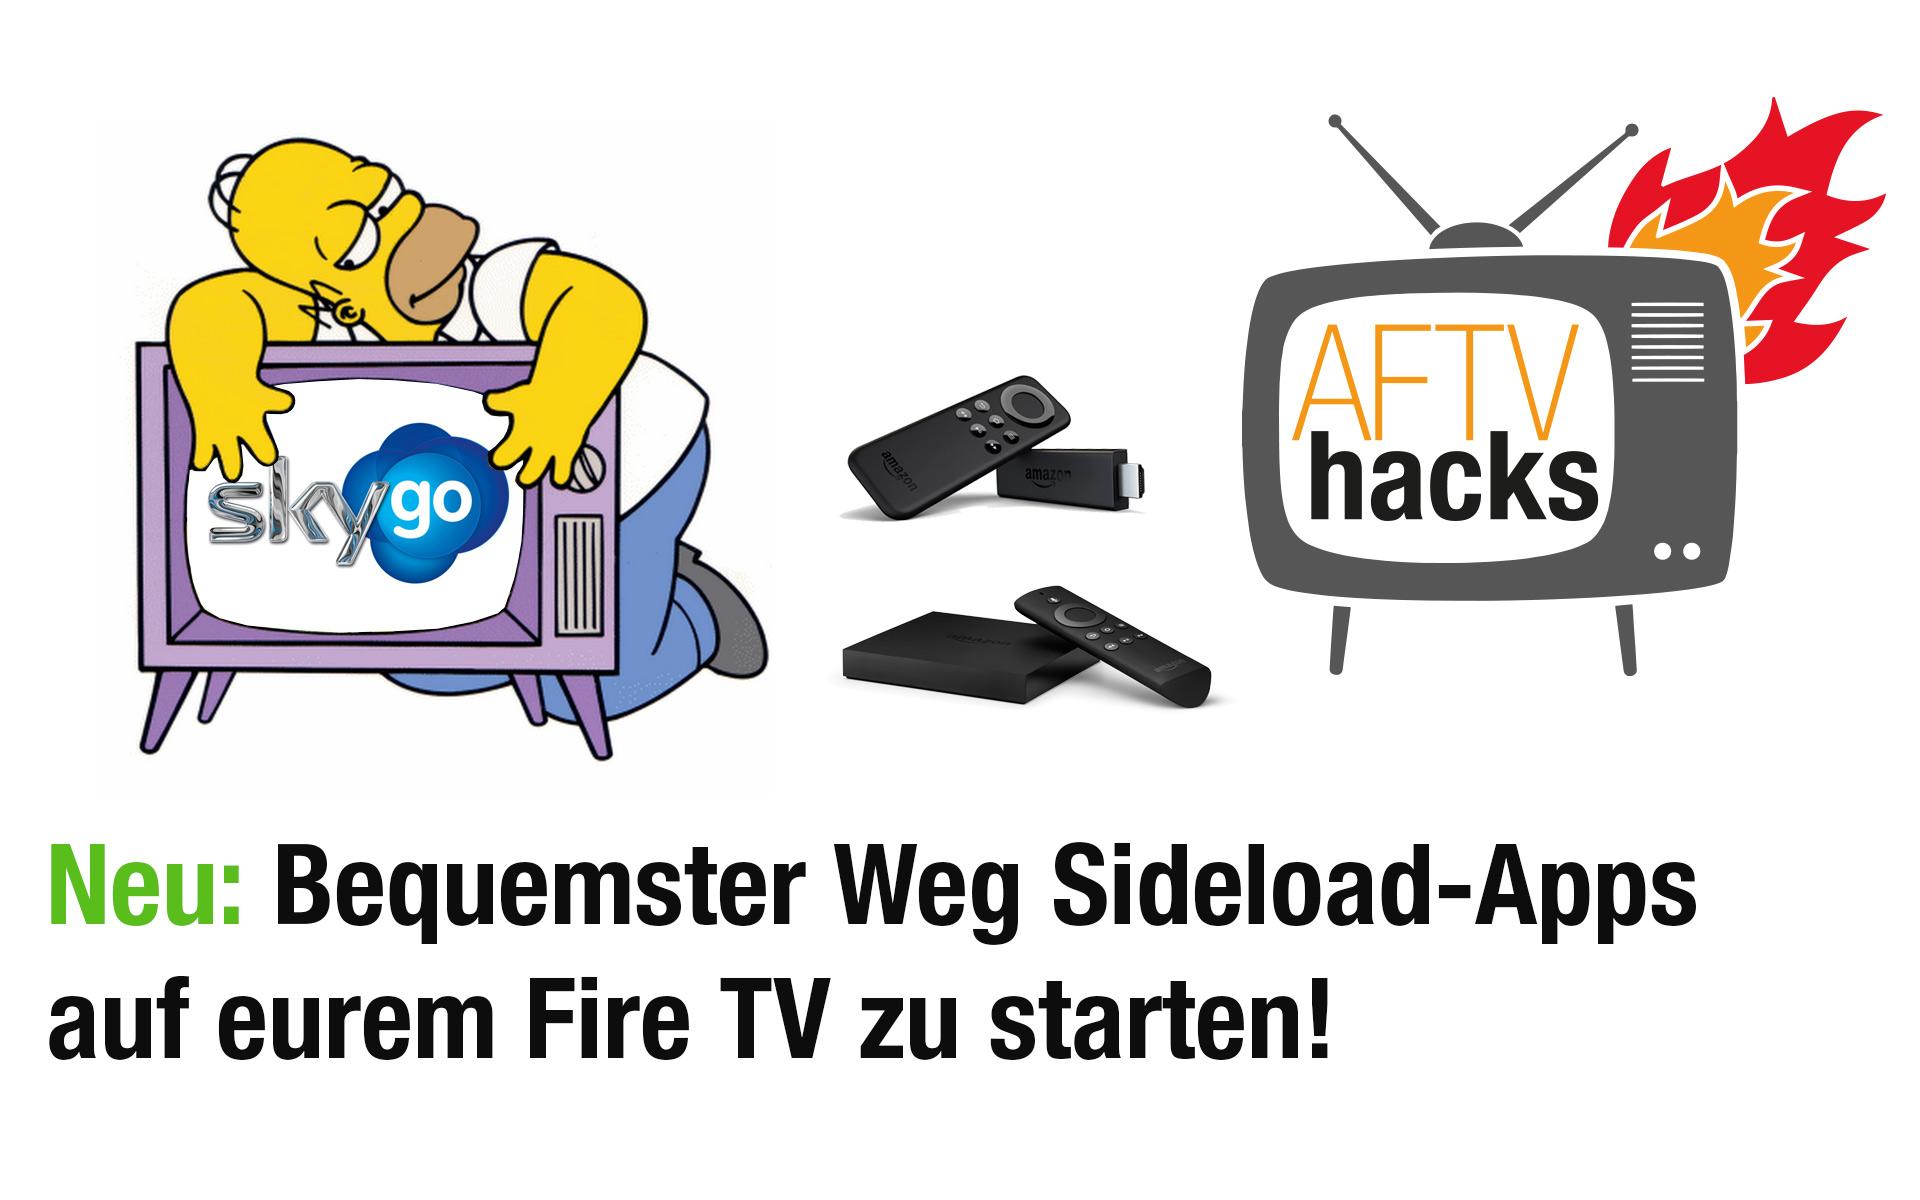 Anleitung: Sideload-Apps (Kodi, SkyGo, …) bequem auf Fire TV 1, 2 & Stick starten